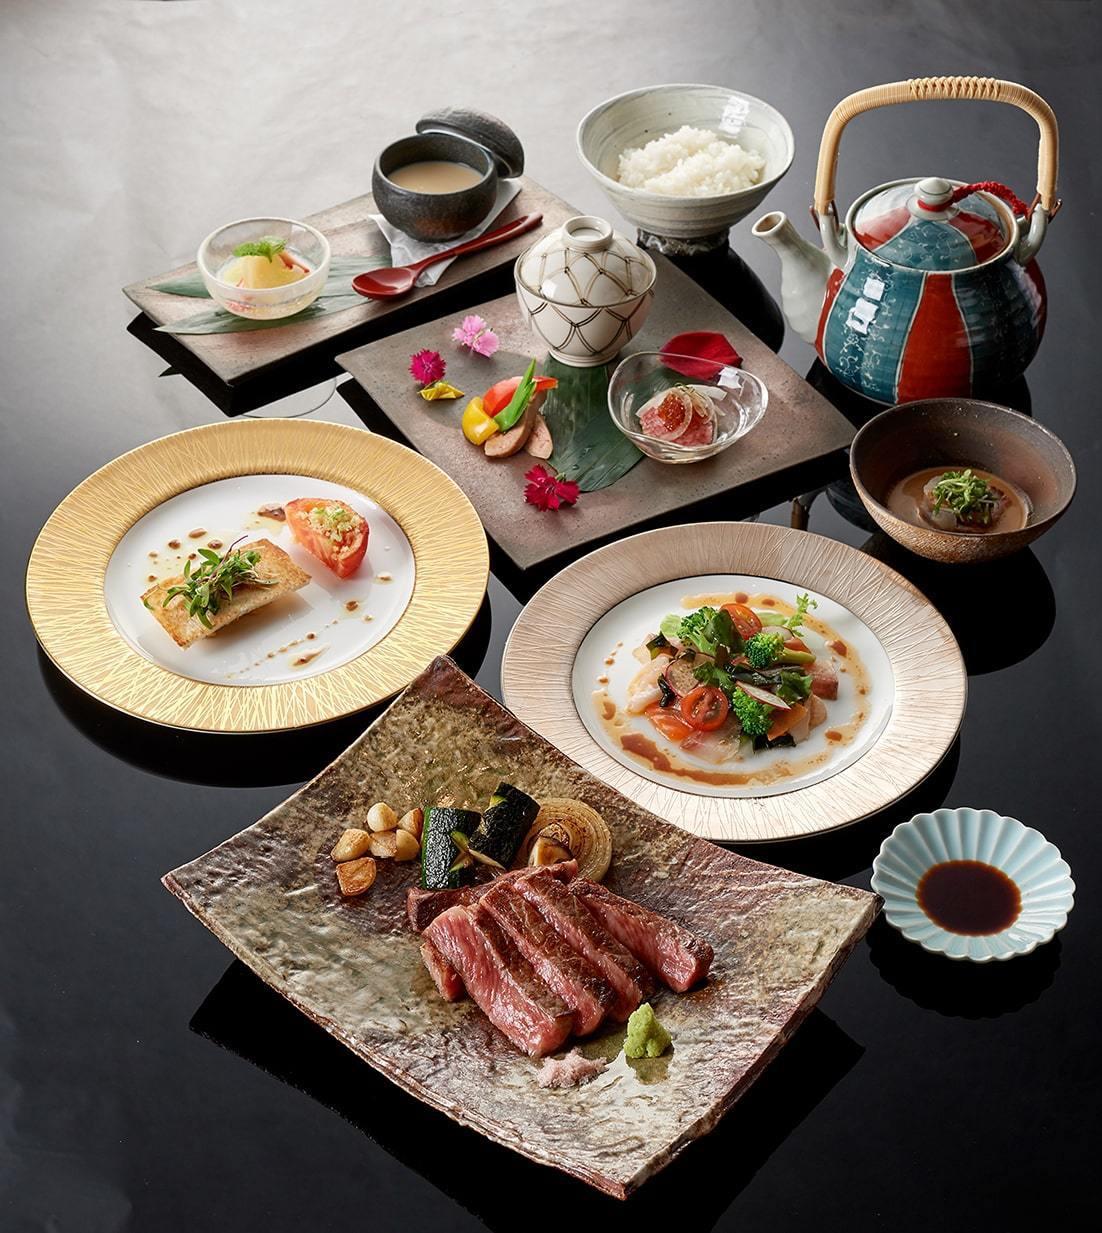 台北美福大飯店晴山日本料理鐵板燒套餐。圖/台北美福提供